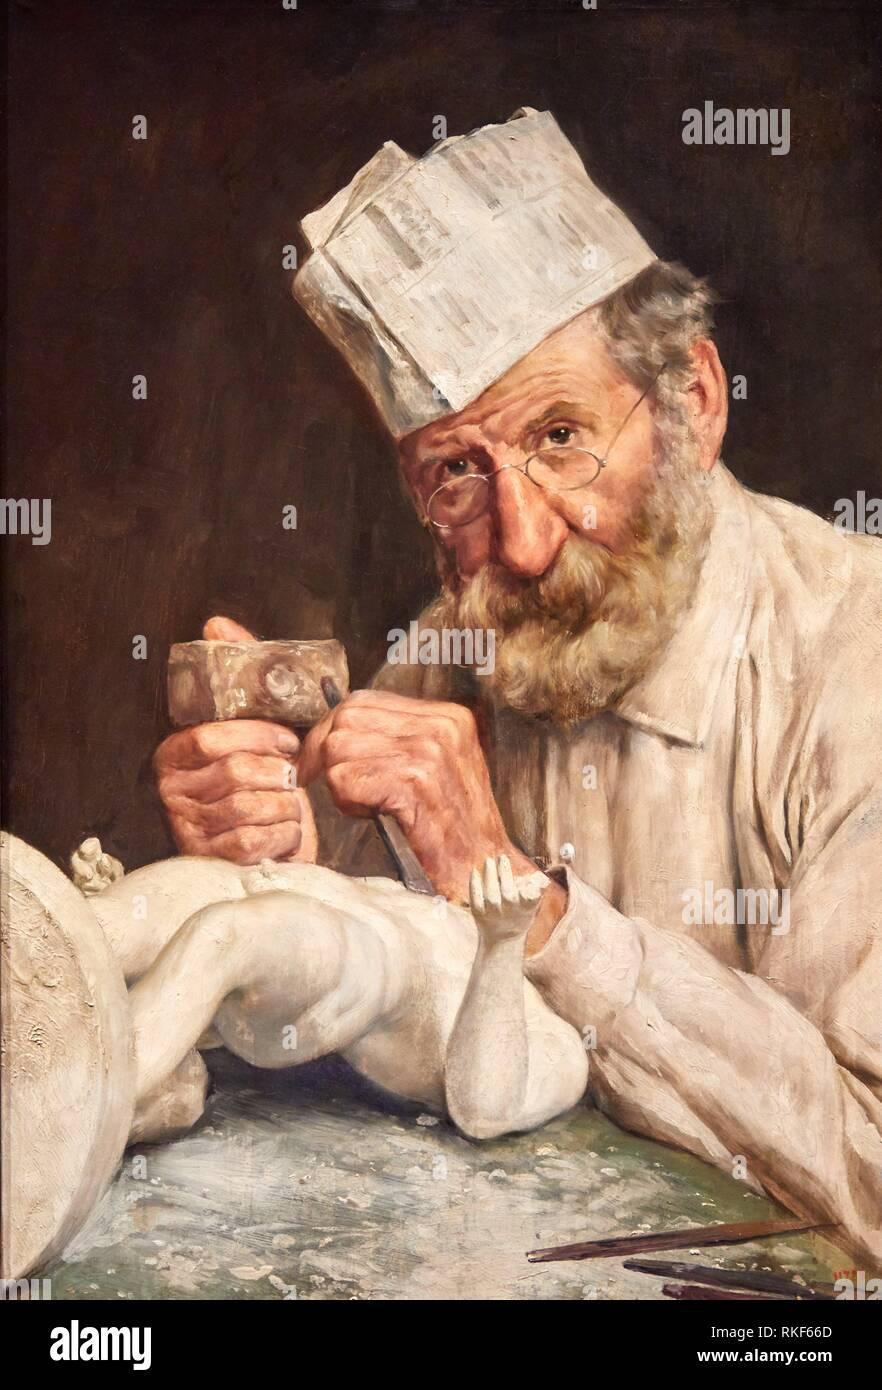 '''The Sculptor'', c. 1911, Antoni Fabrés, National Museum of Catalan Art, Museu Nacional d Art de Catalunya, MNAC, Barcelona, Spain, Europe - Stock Image